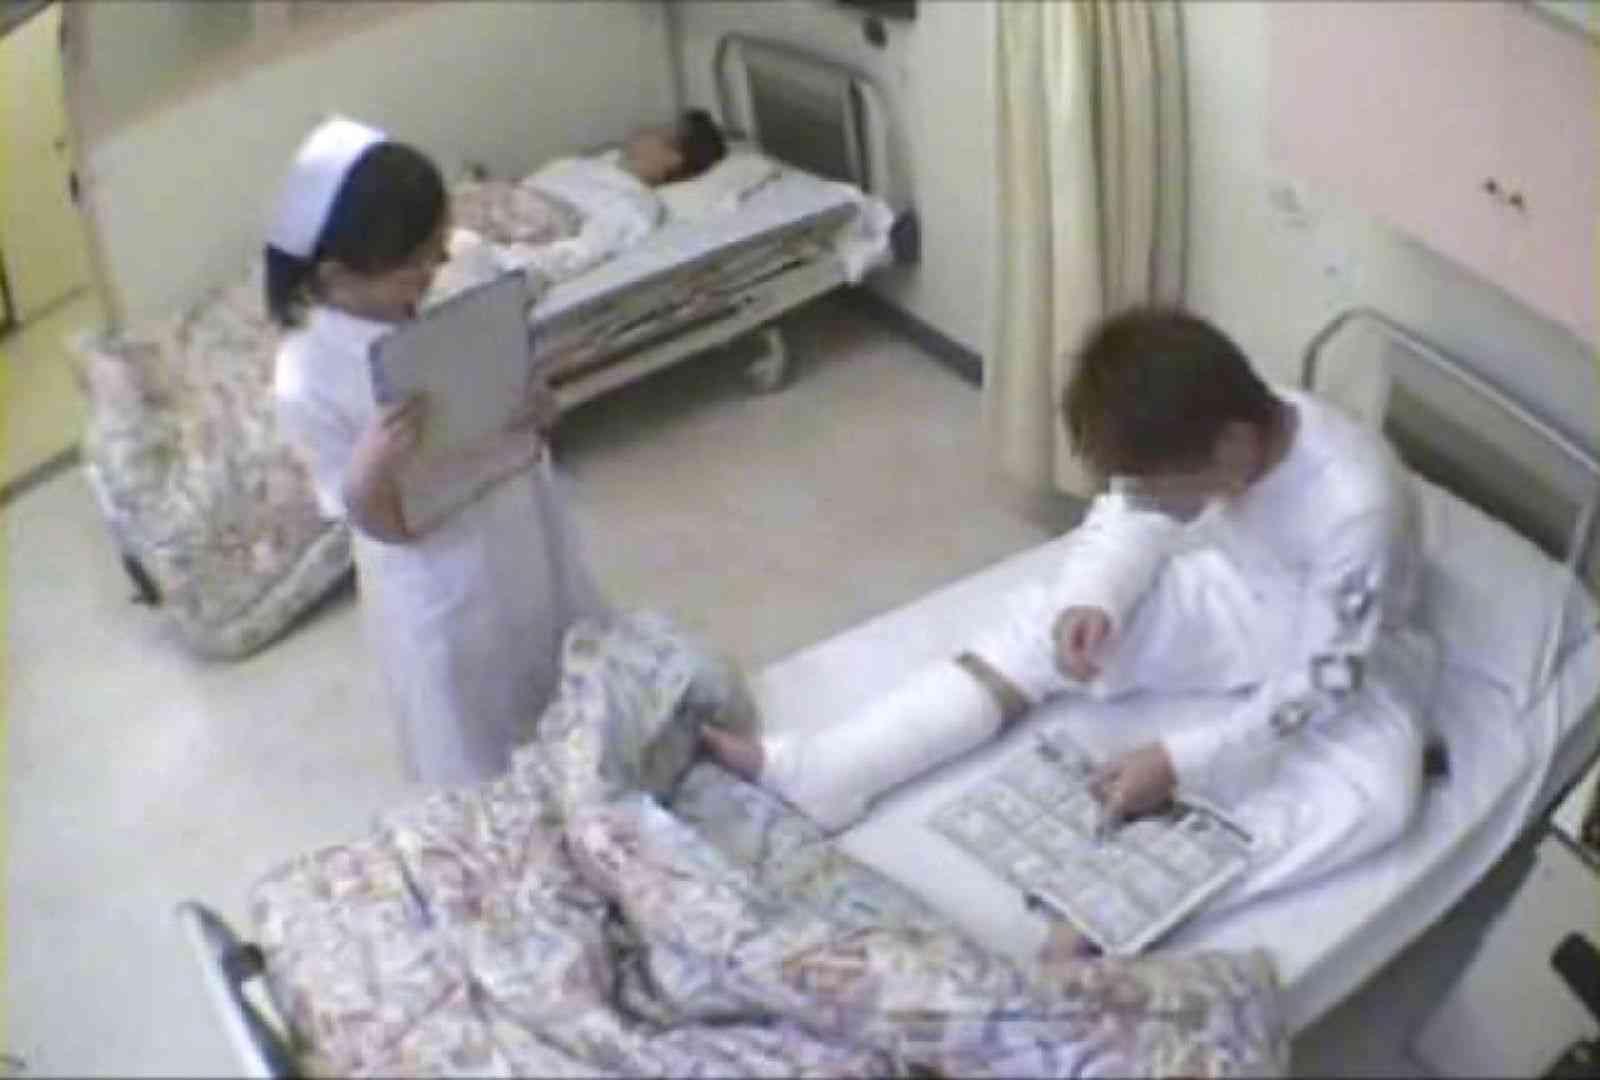 絶対に逝ってはいけない寸止め病棟Vol.6 ギャルエロ画像   OLエロ画像  28PICs 28